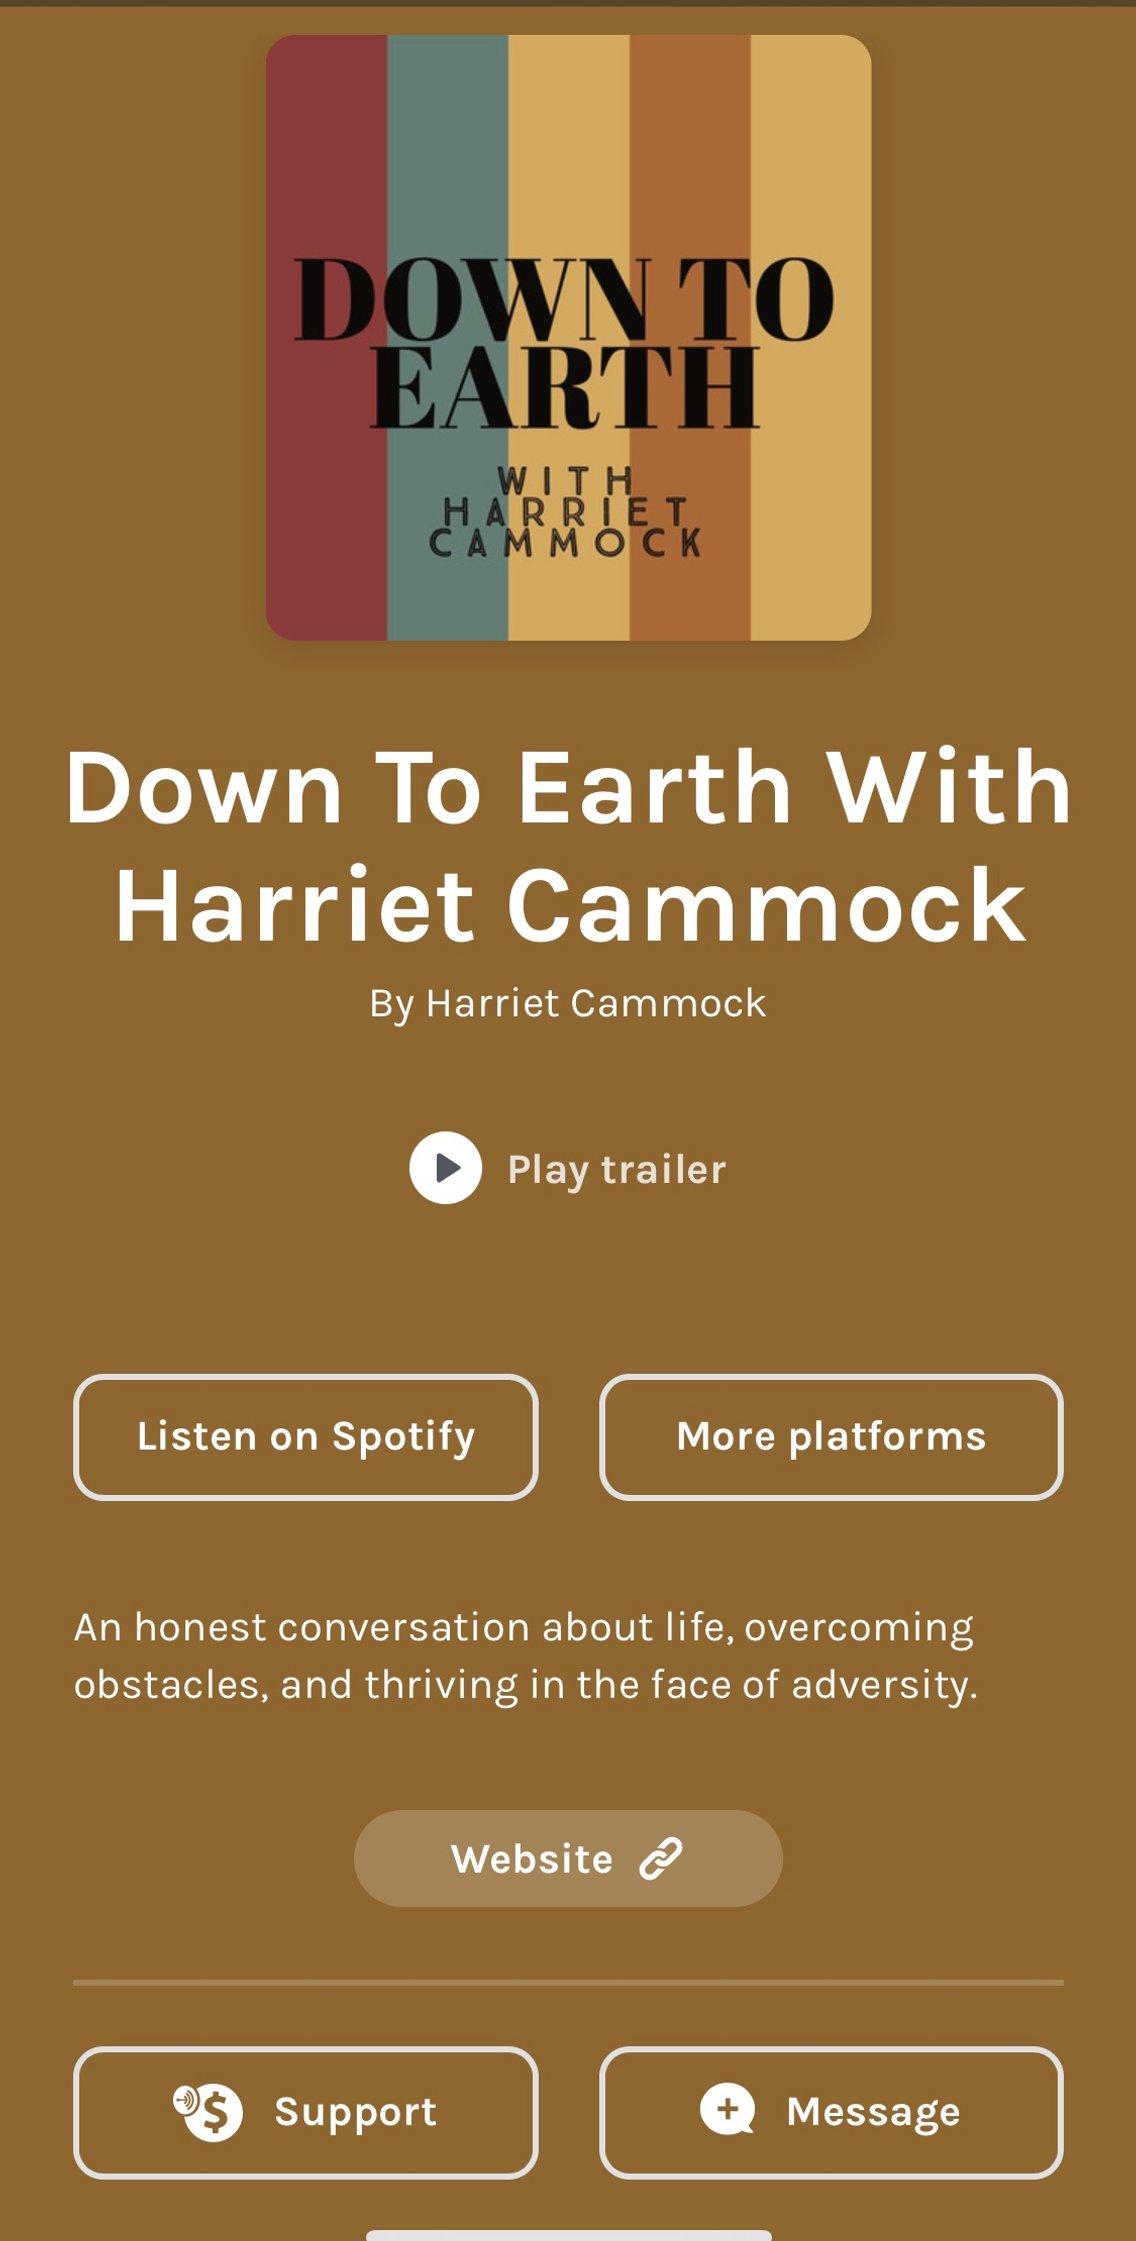 Down To Earth With Harriet Cammock - imagen de portada